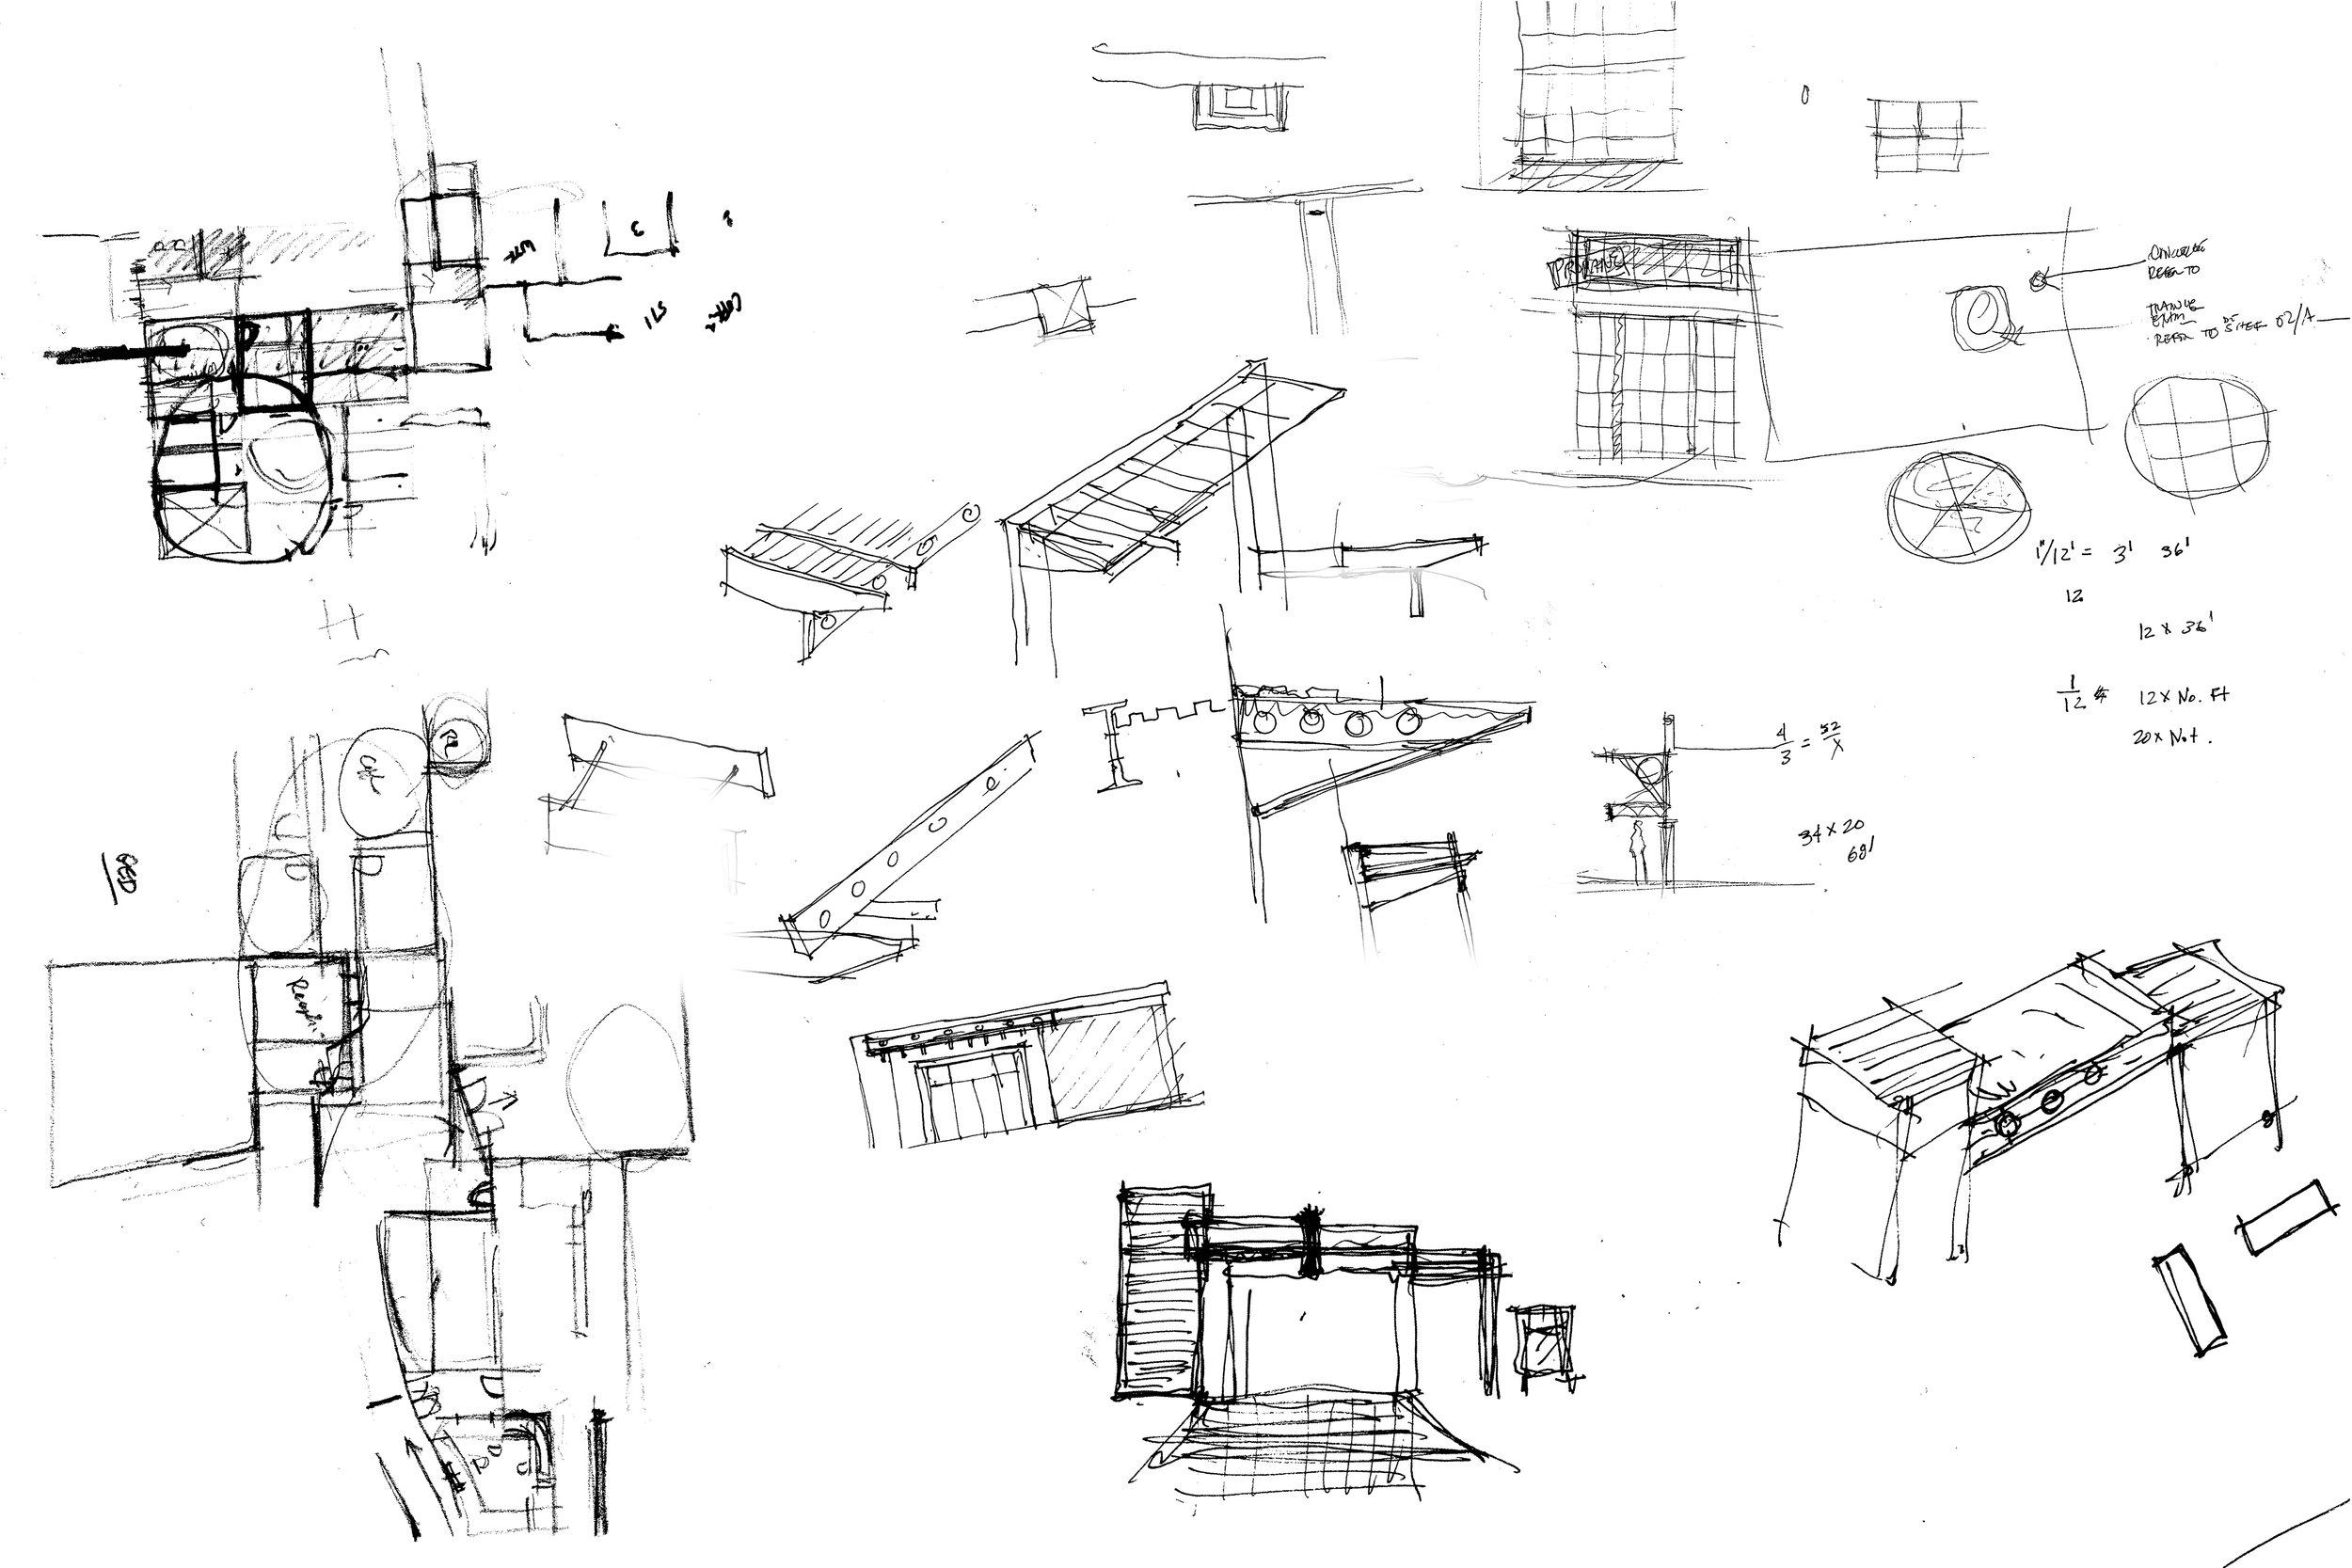 Building Facade Conceptual Analysis